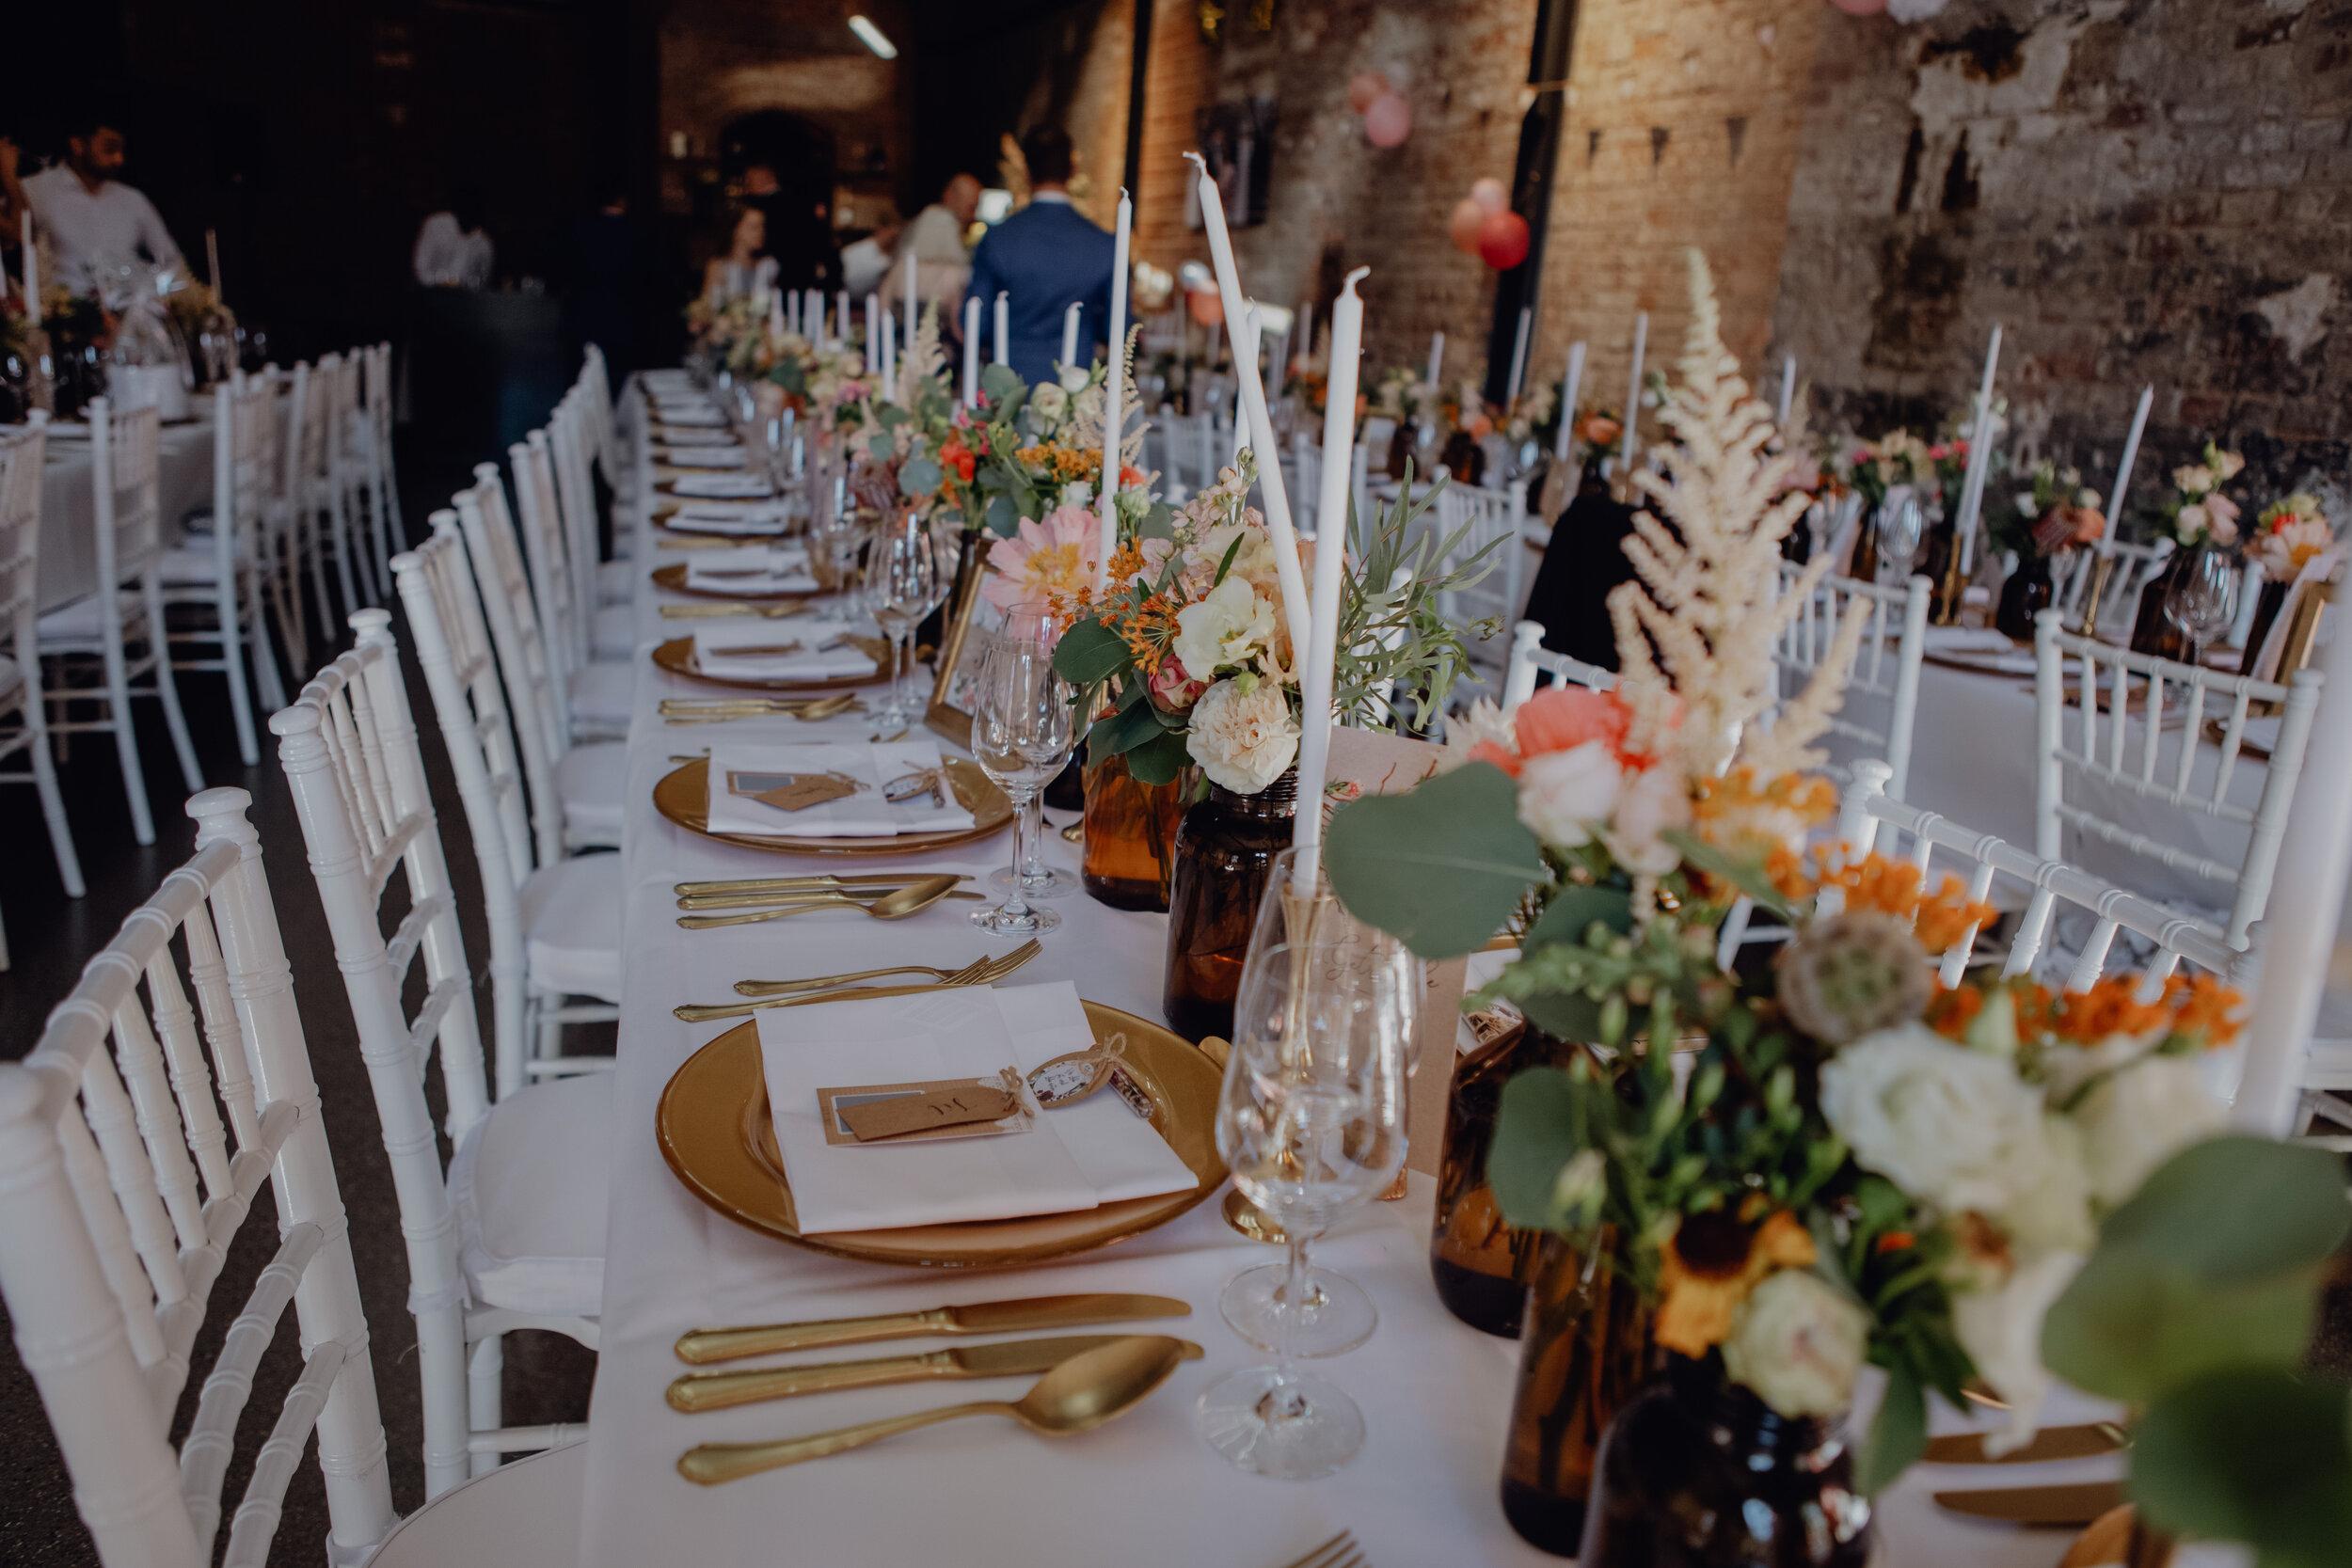 Hochzeit_Helmkehof_Deko1.jpg